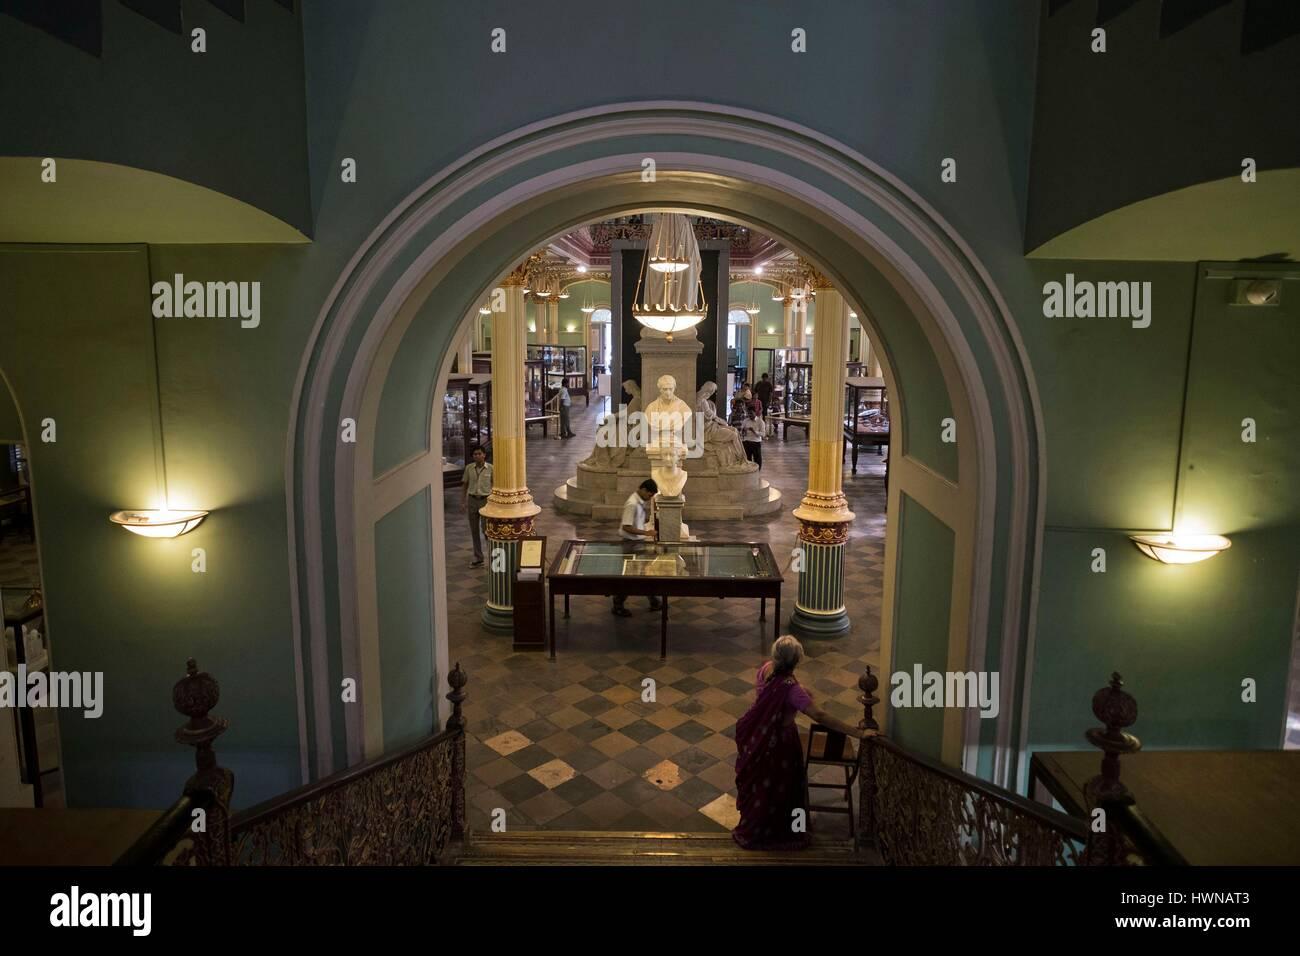 India, Maharashtra State, Mumbai or Bombay, Dr. Bhau Daji Lad Mumbai City Museum, - Stock Image